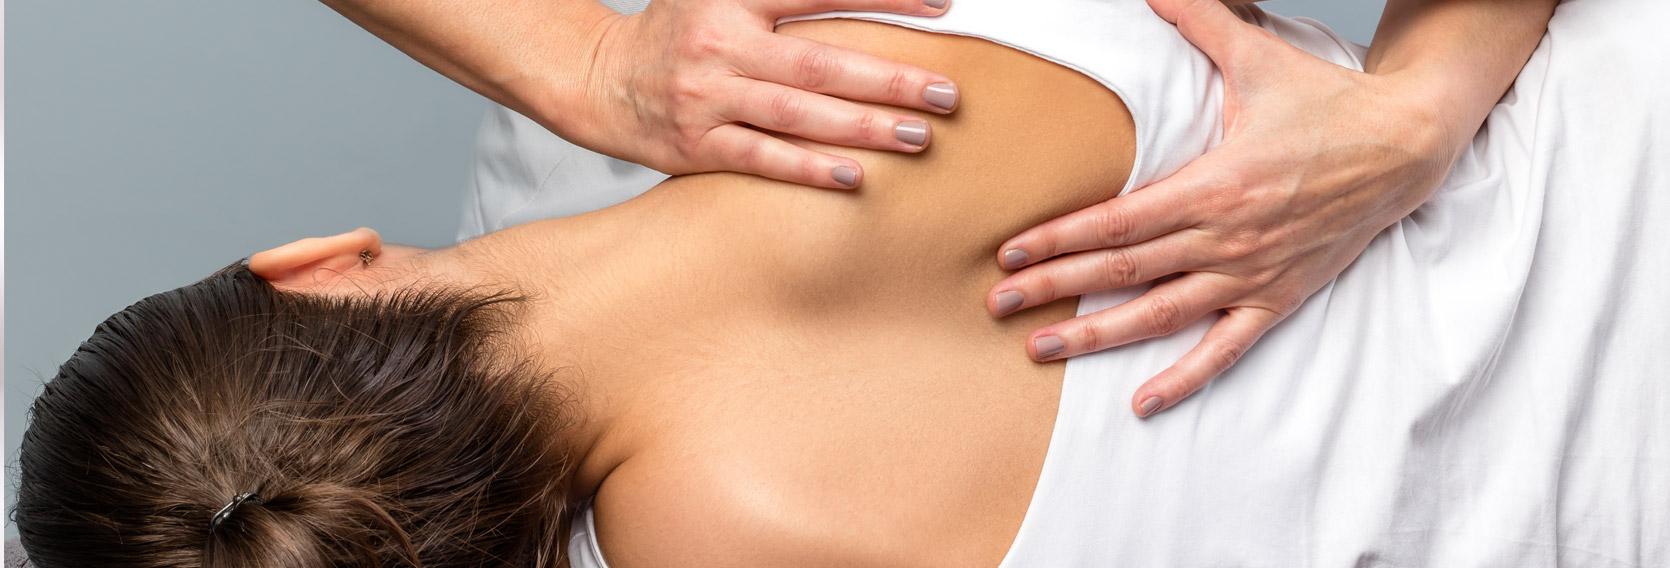 Kosten für Osteopathie | Praxis Kerstin Finke